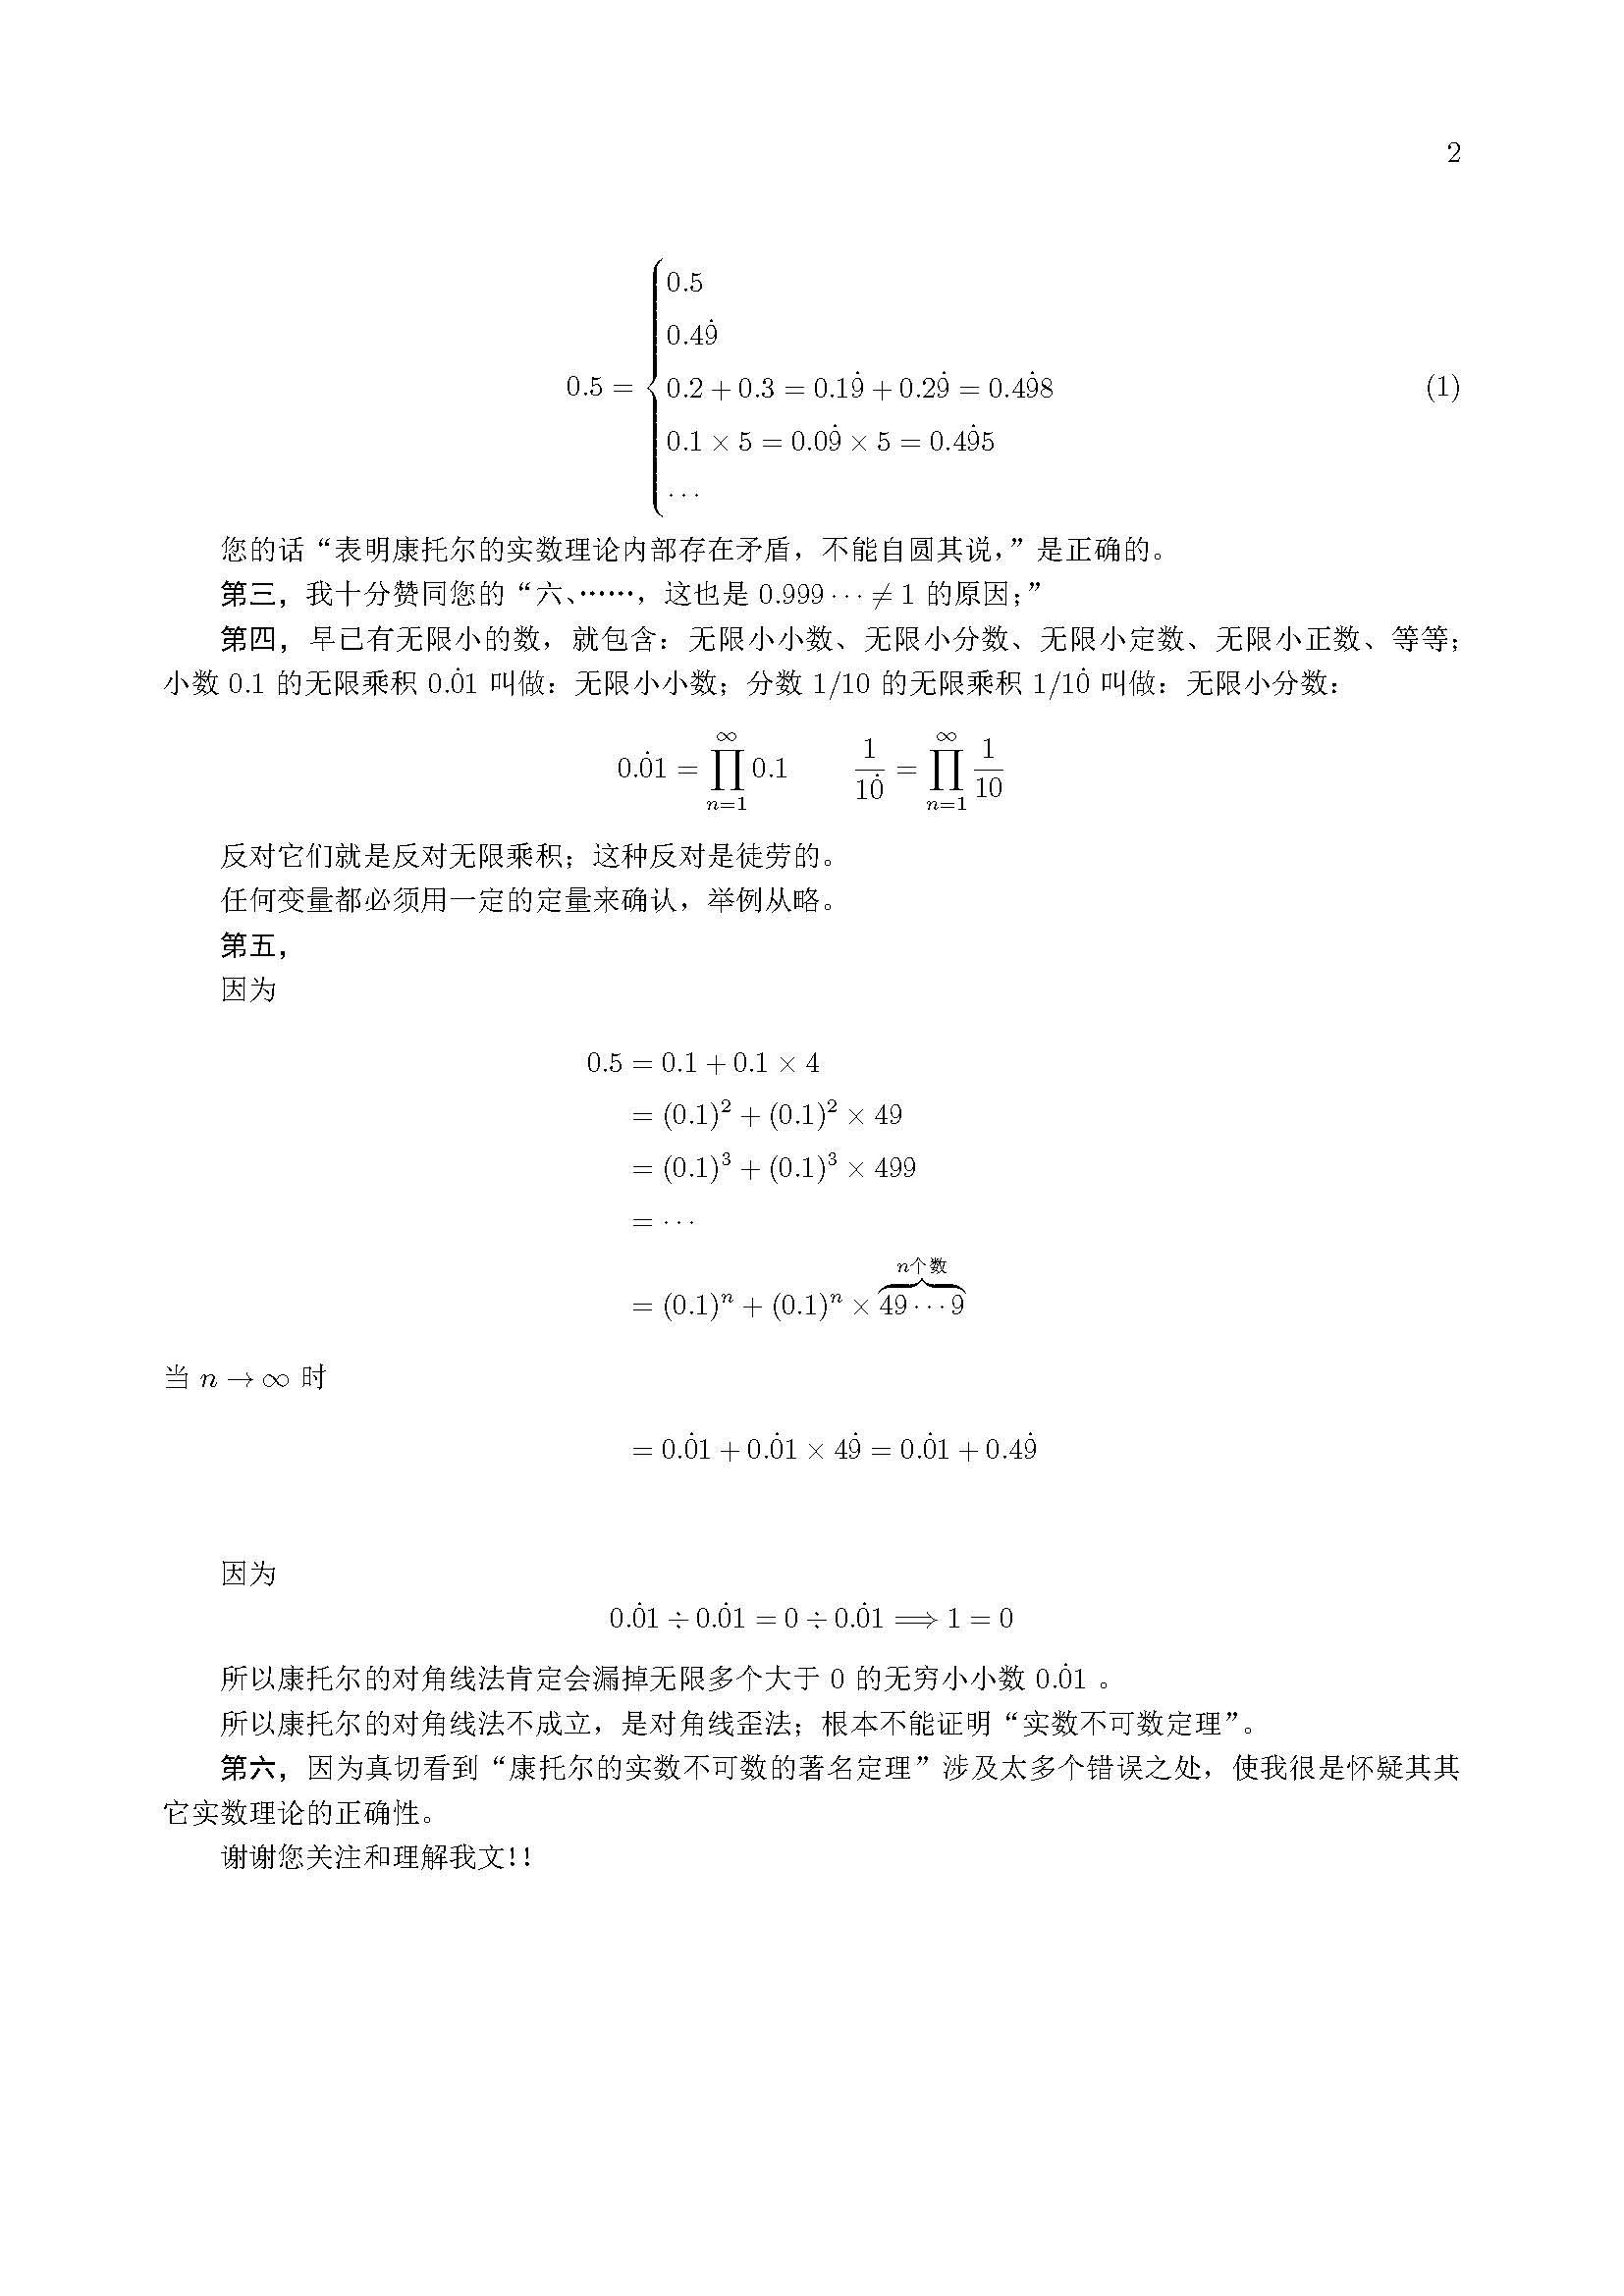 回复林益老师的看法_页面_2-2.jpg